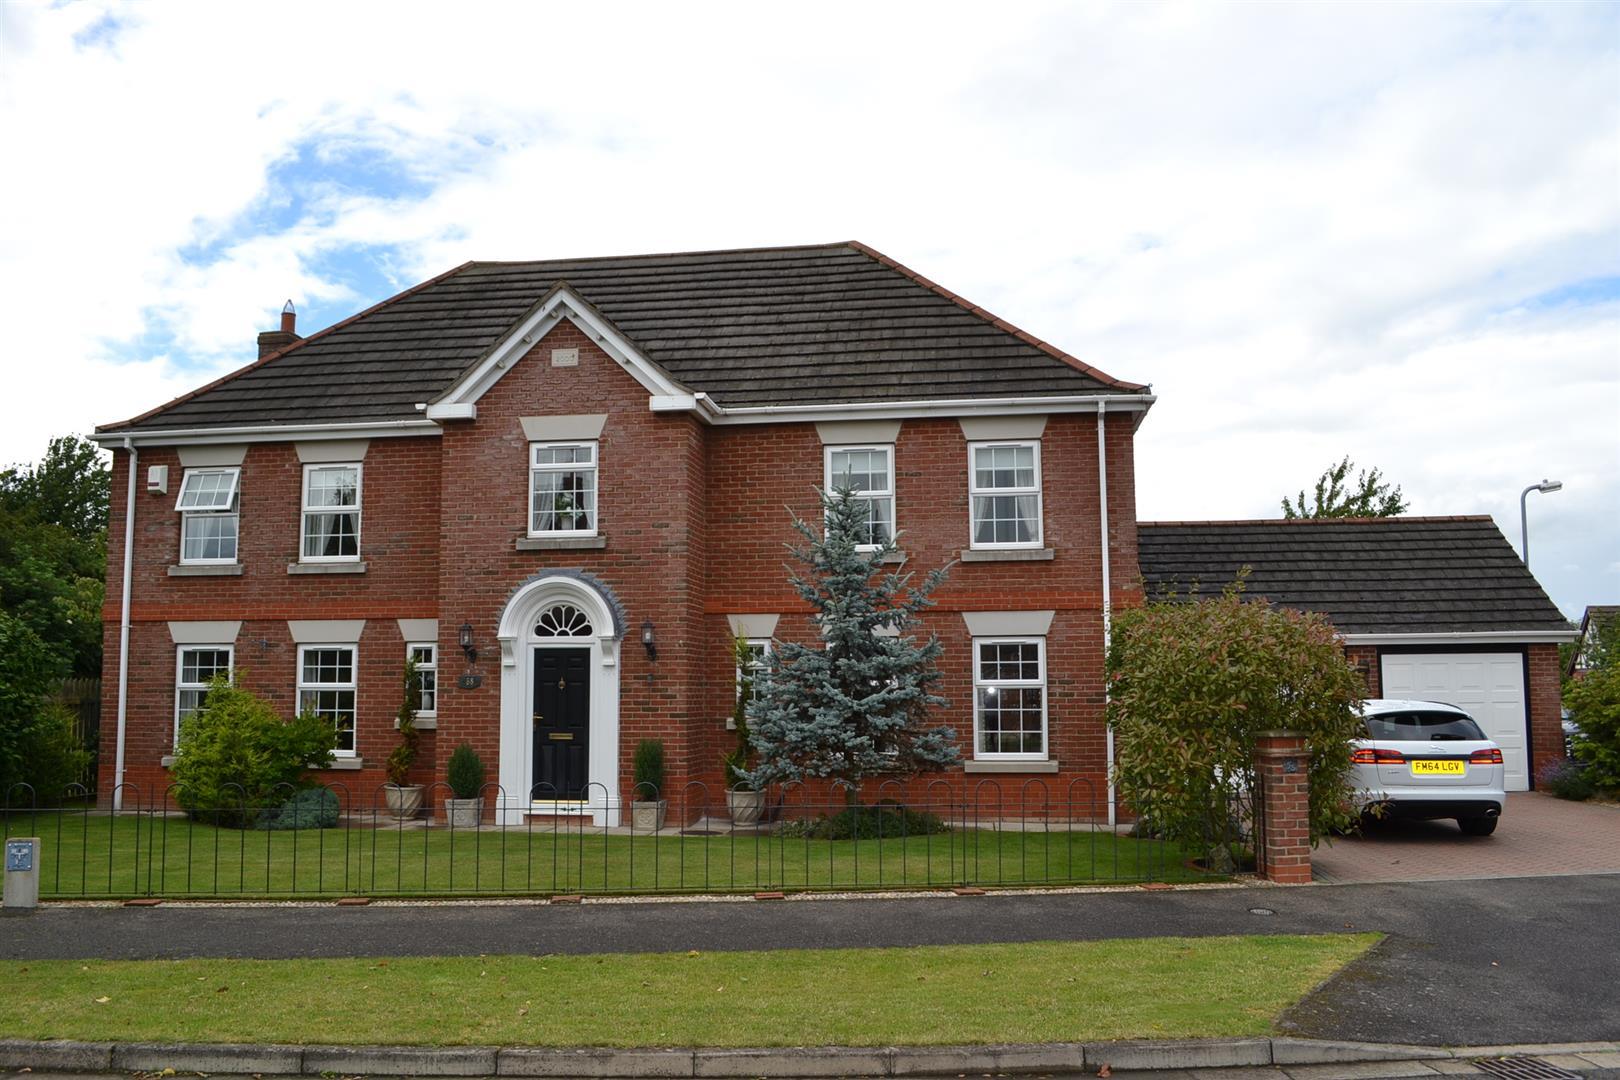 4 bedroom property in Heckington